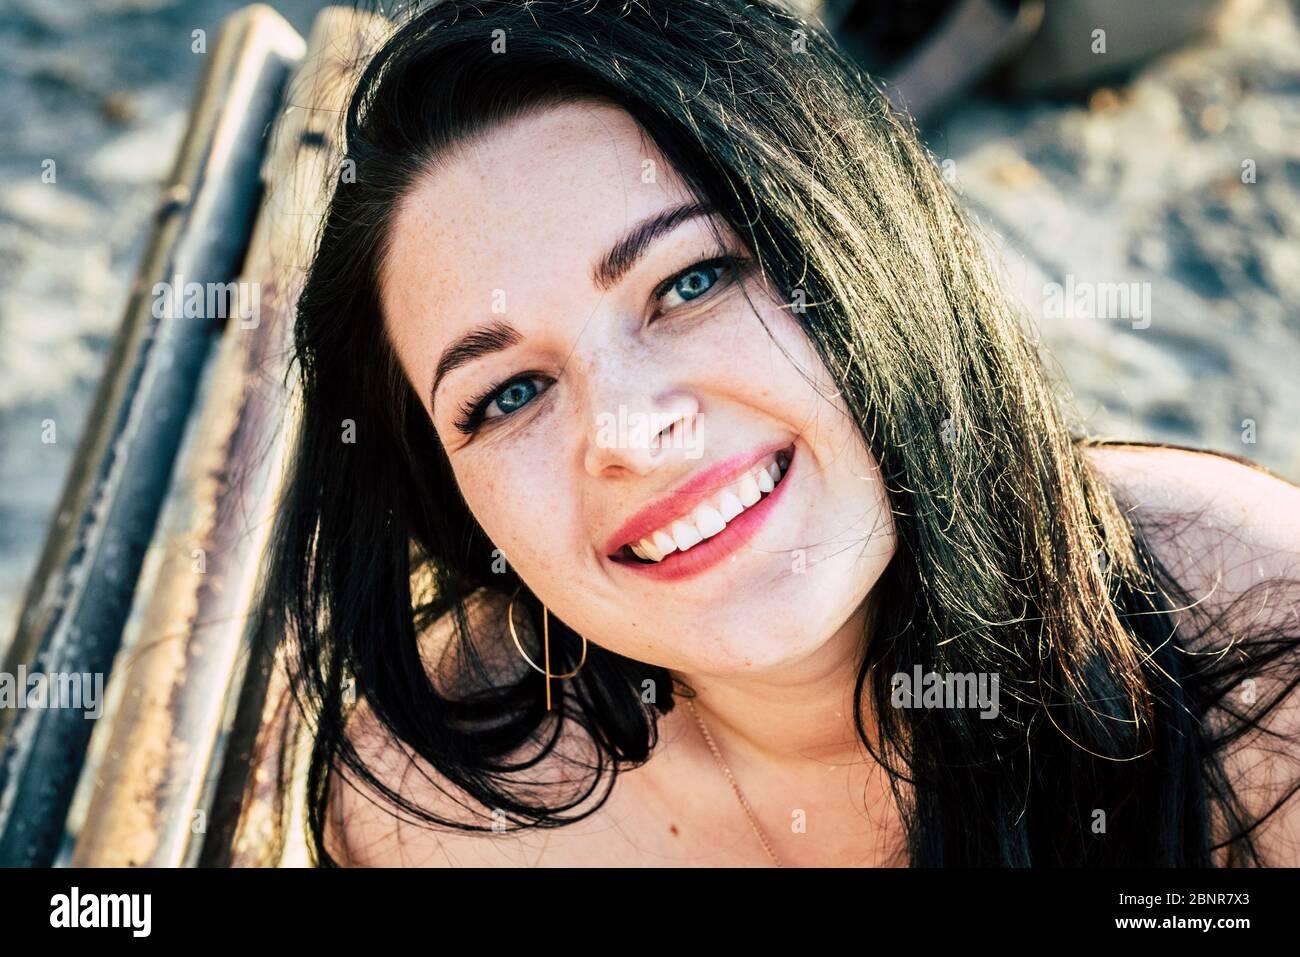 Bella giovane donna caucasica ritratto sorriso alla macchina fotografica - allegro felice gente con occhi blu e lunghi capelli neri in attività di svago all'aperto da solo Foto Stock